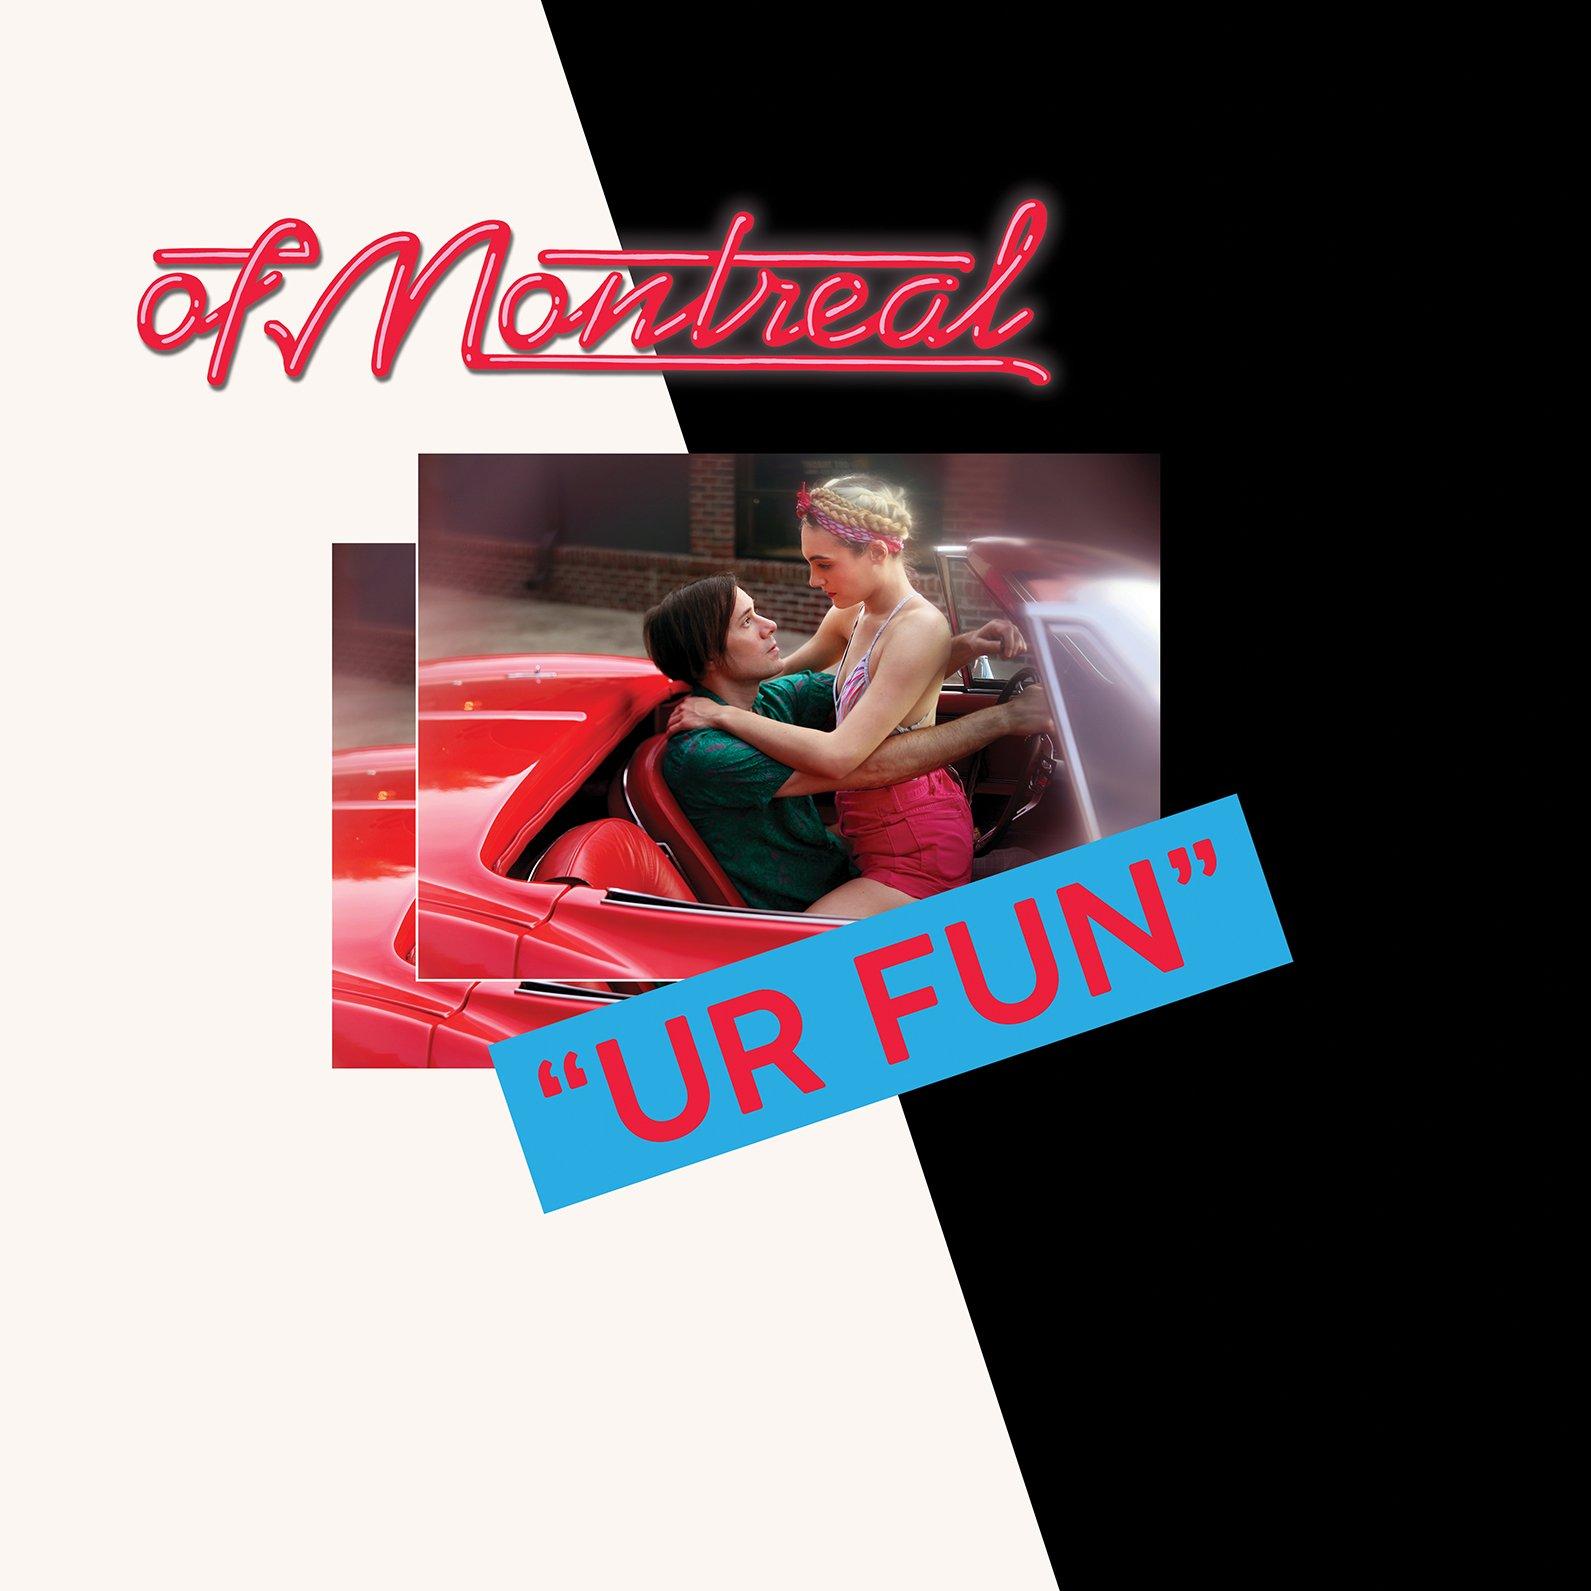 ALBUM REVIEW: Of Montreal - UR FUN